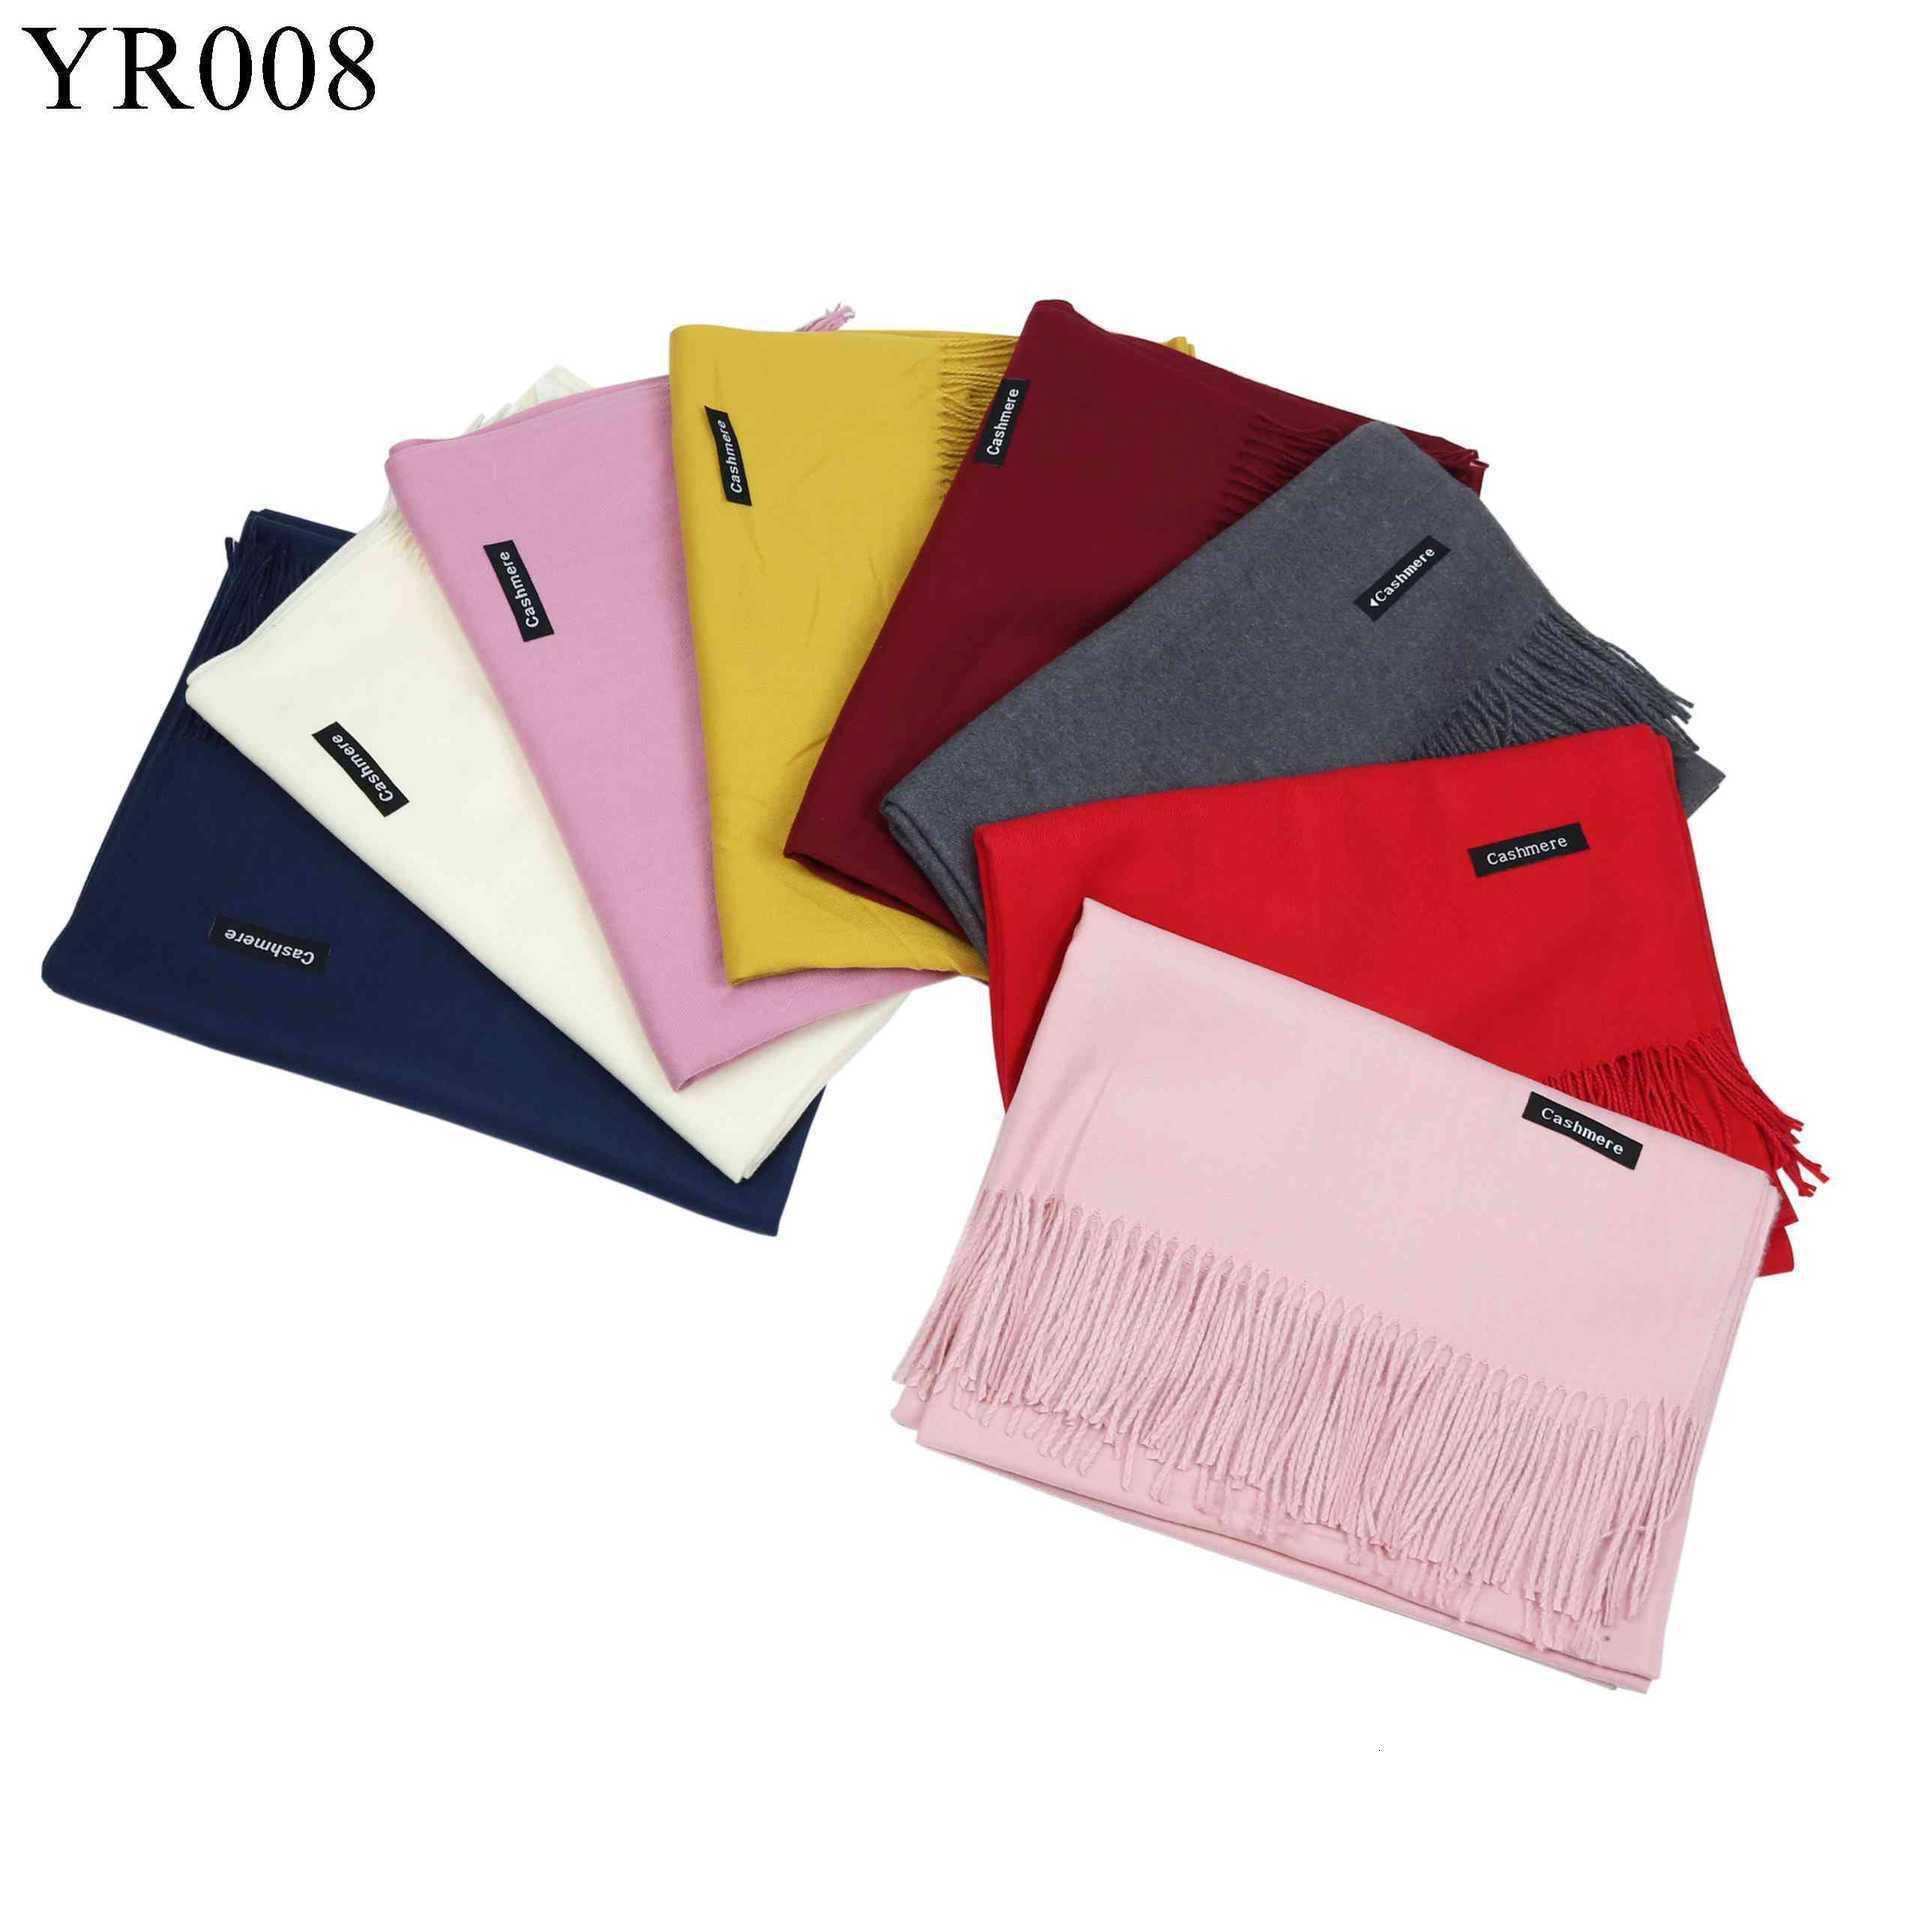 Imite Cashmere Scarf Solid Color Xaile espessamento Monochrome Tassels Scarf presente Reunião Anual